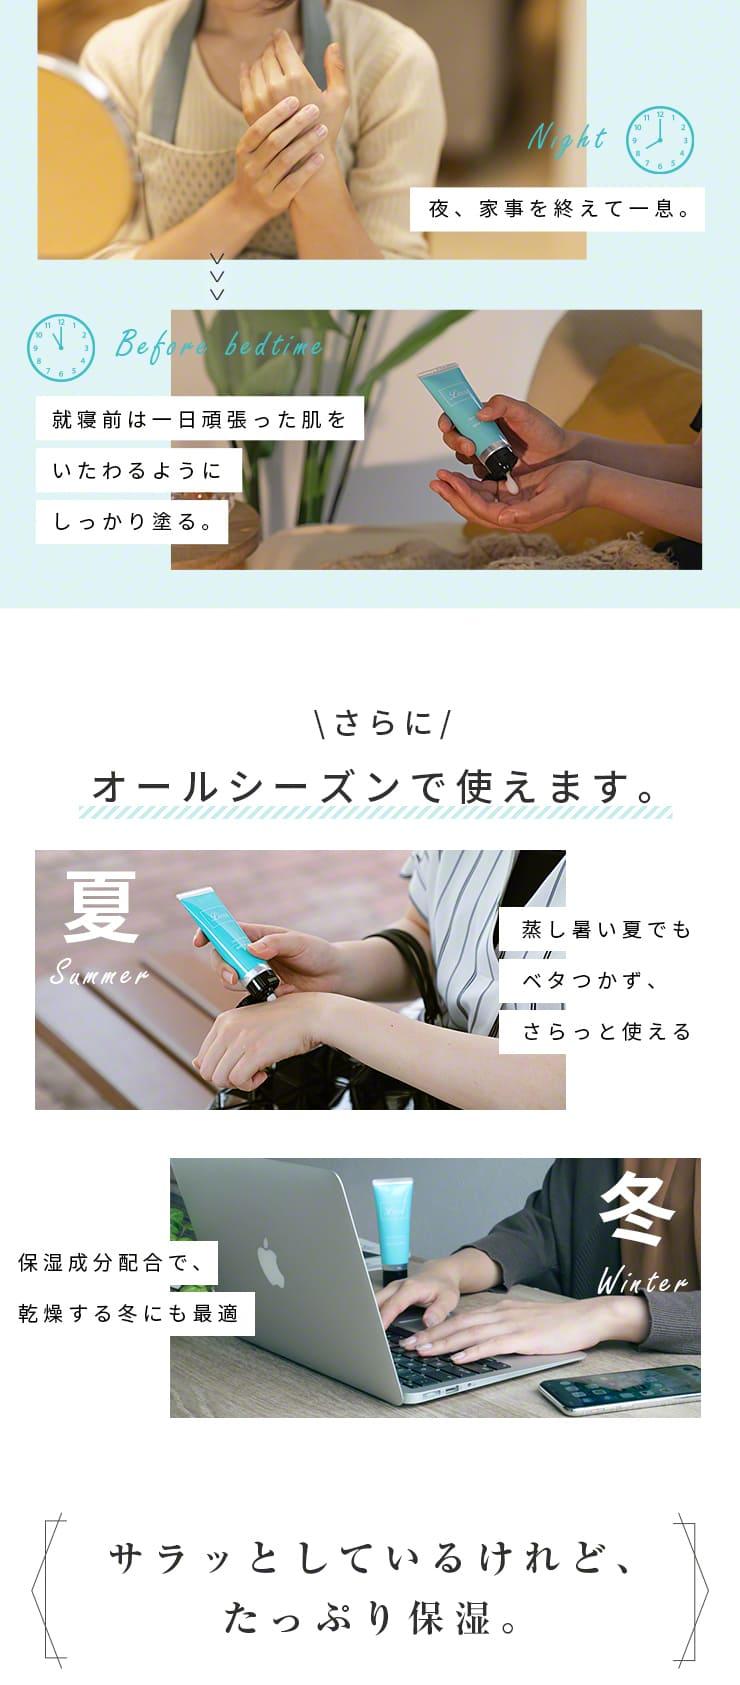 ハンドクリーム ギフト 女性 無香料 消毒できるハンドクリーム 日本製